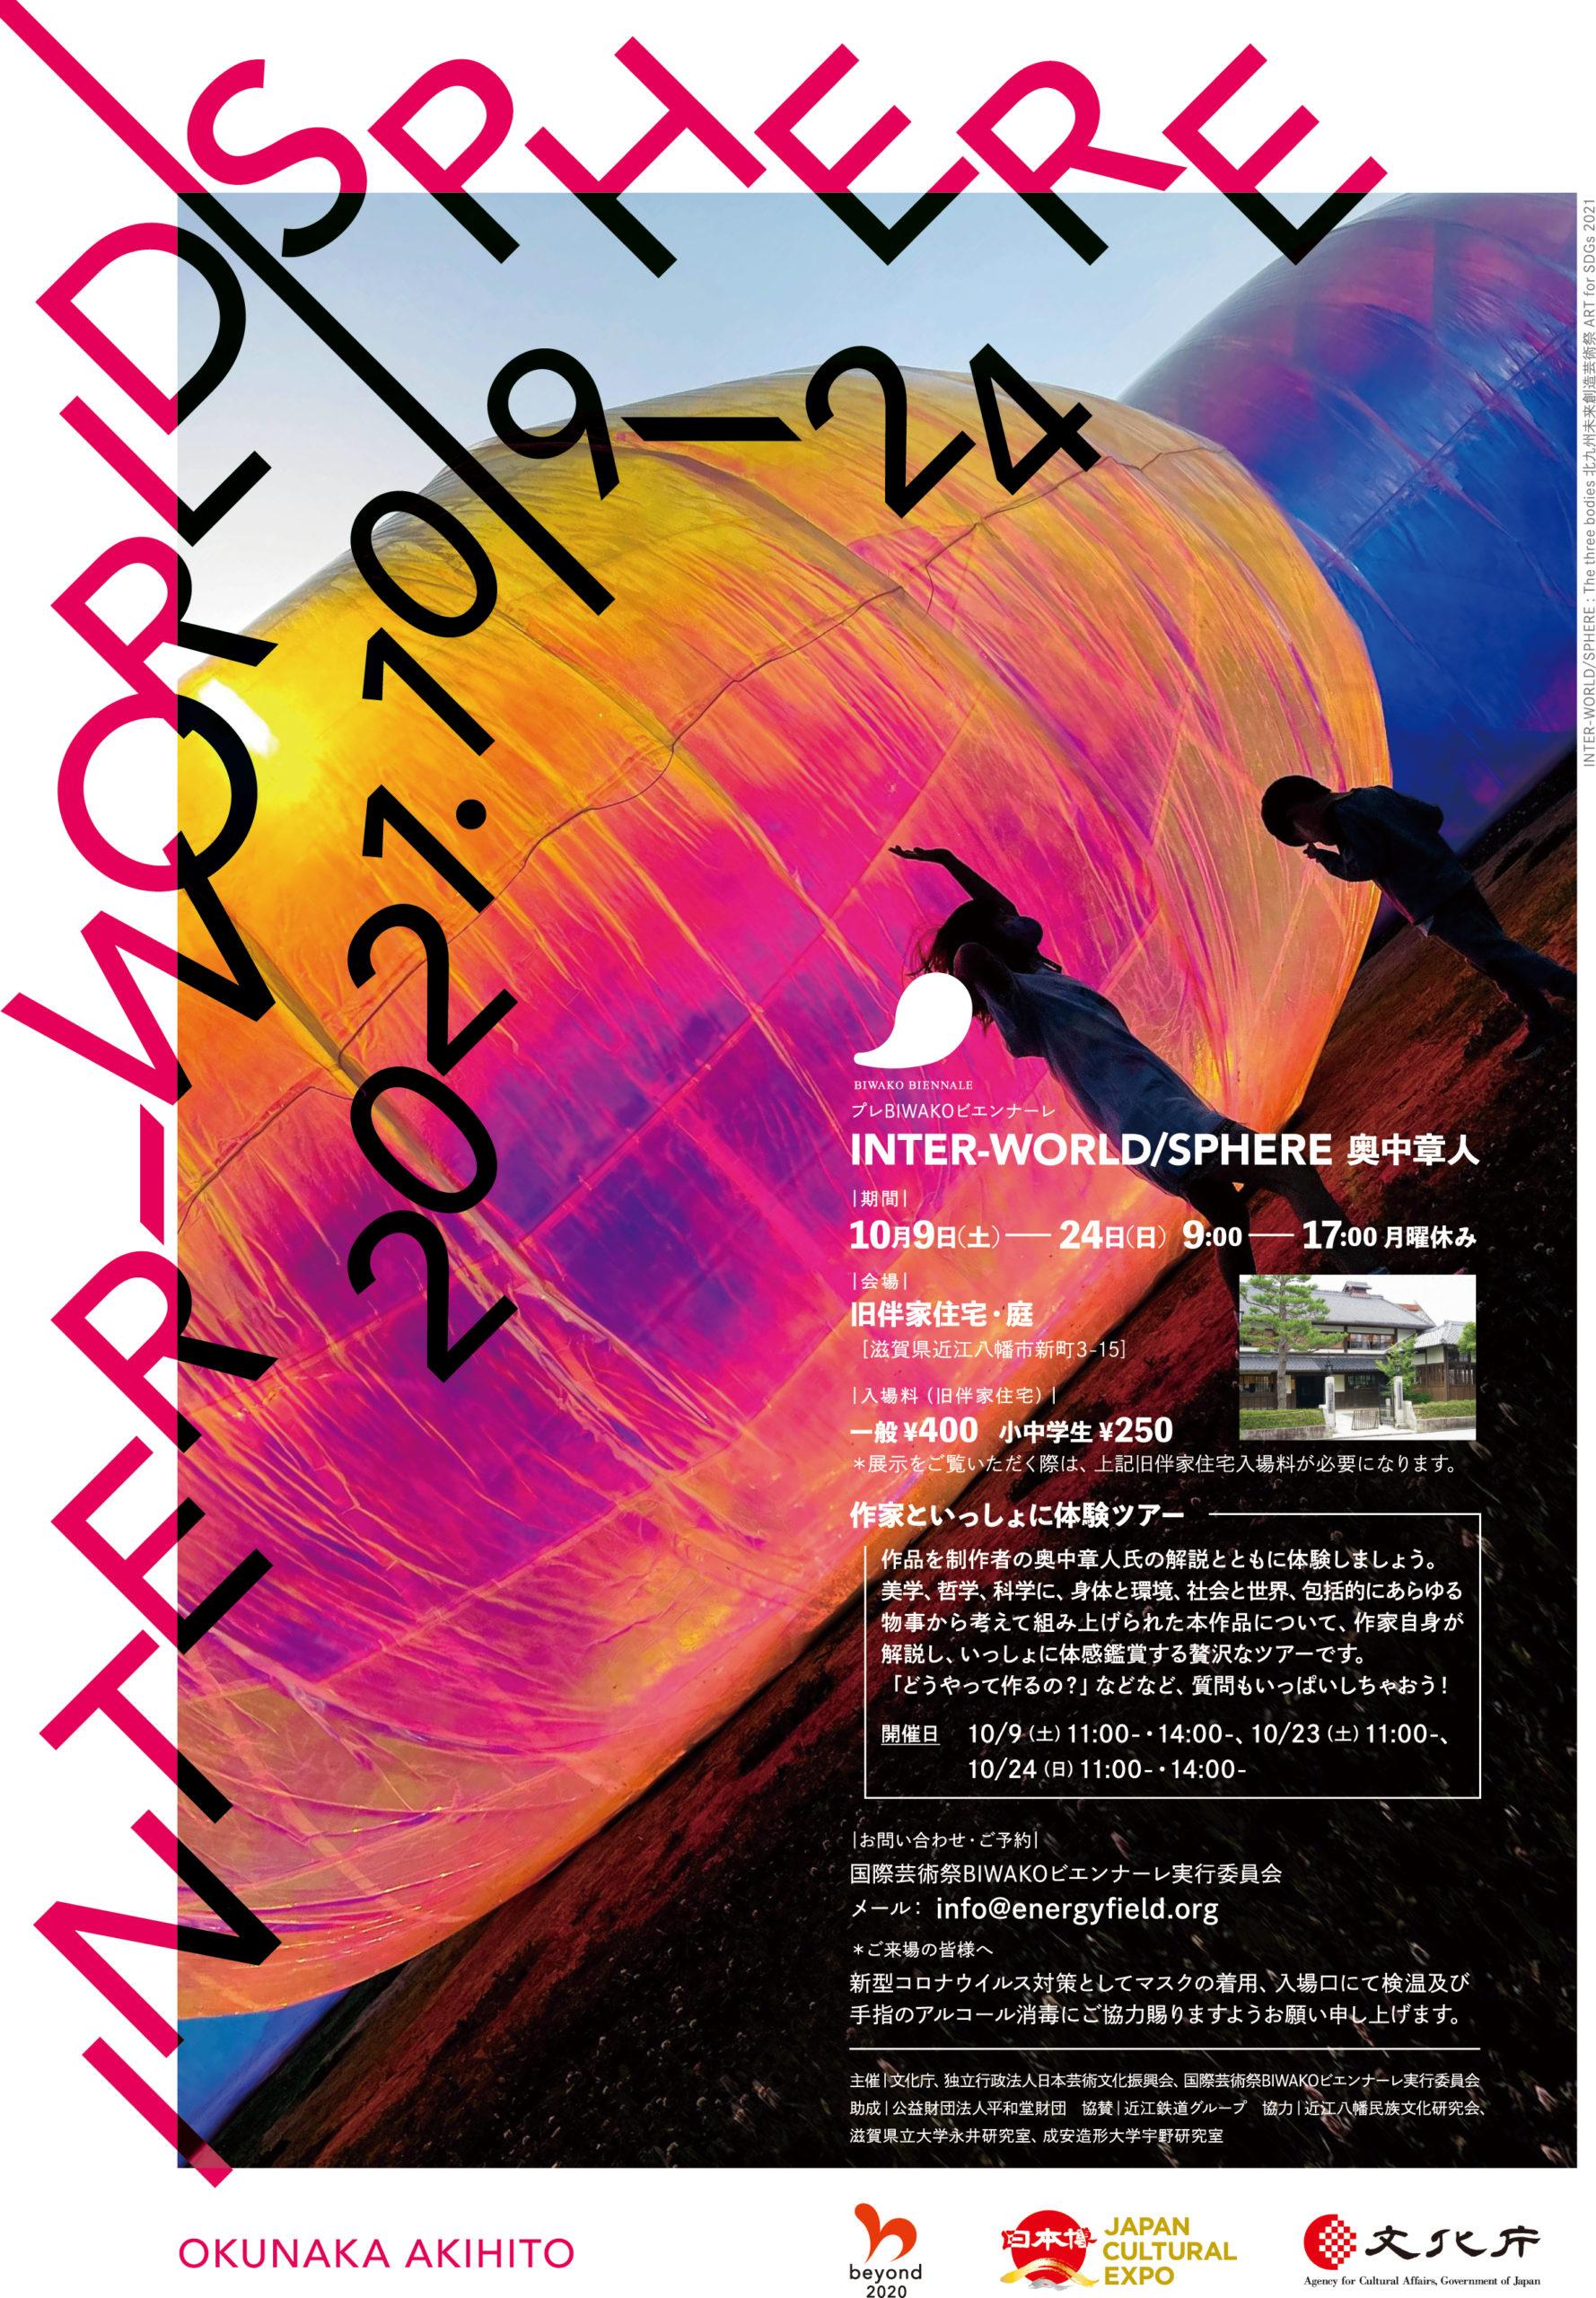 2021年10月9日(土)〜24日(日)《作品展示:INTER-WORLD/SPHERE 奥中章人 》を開催します!